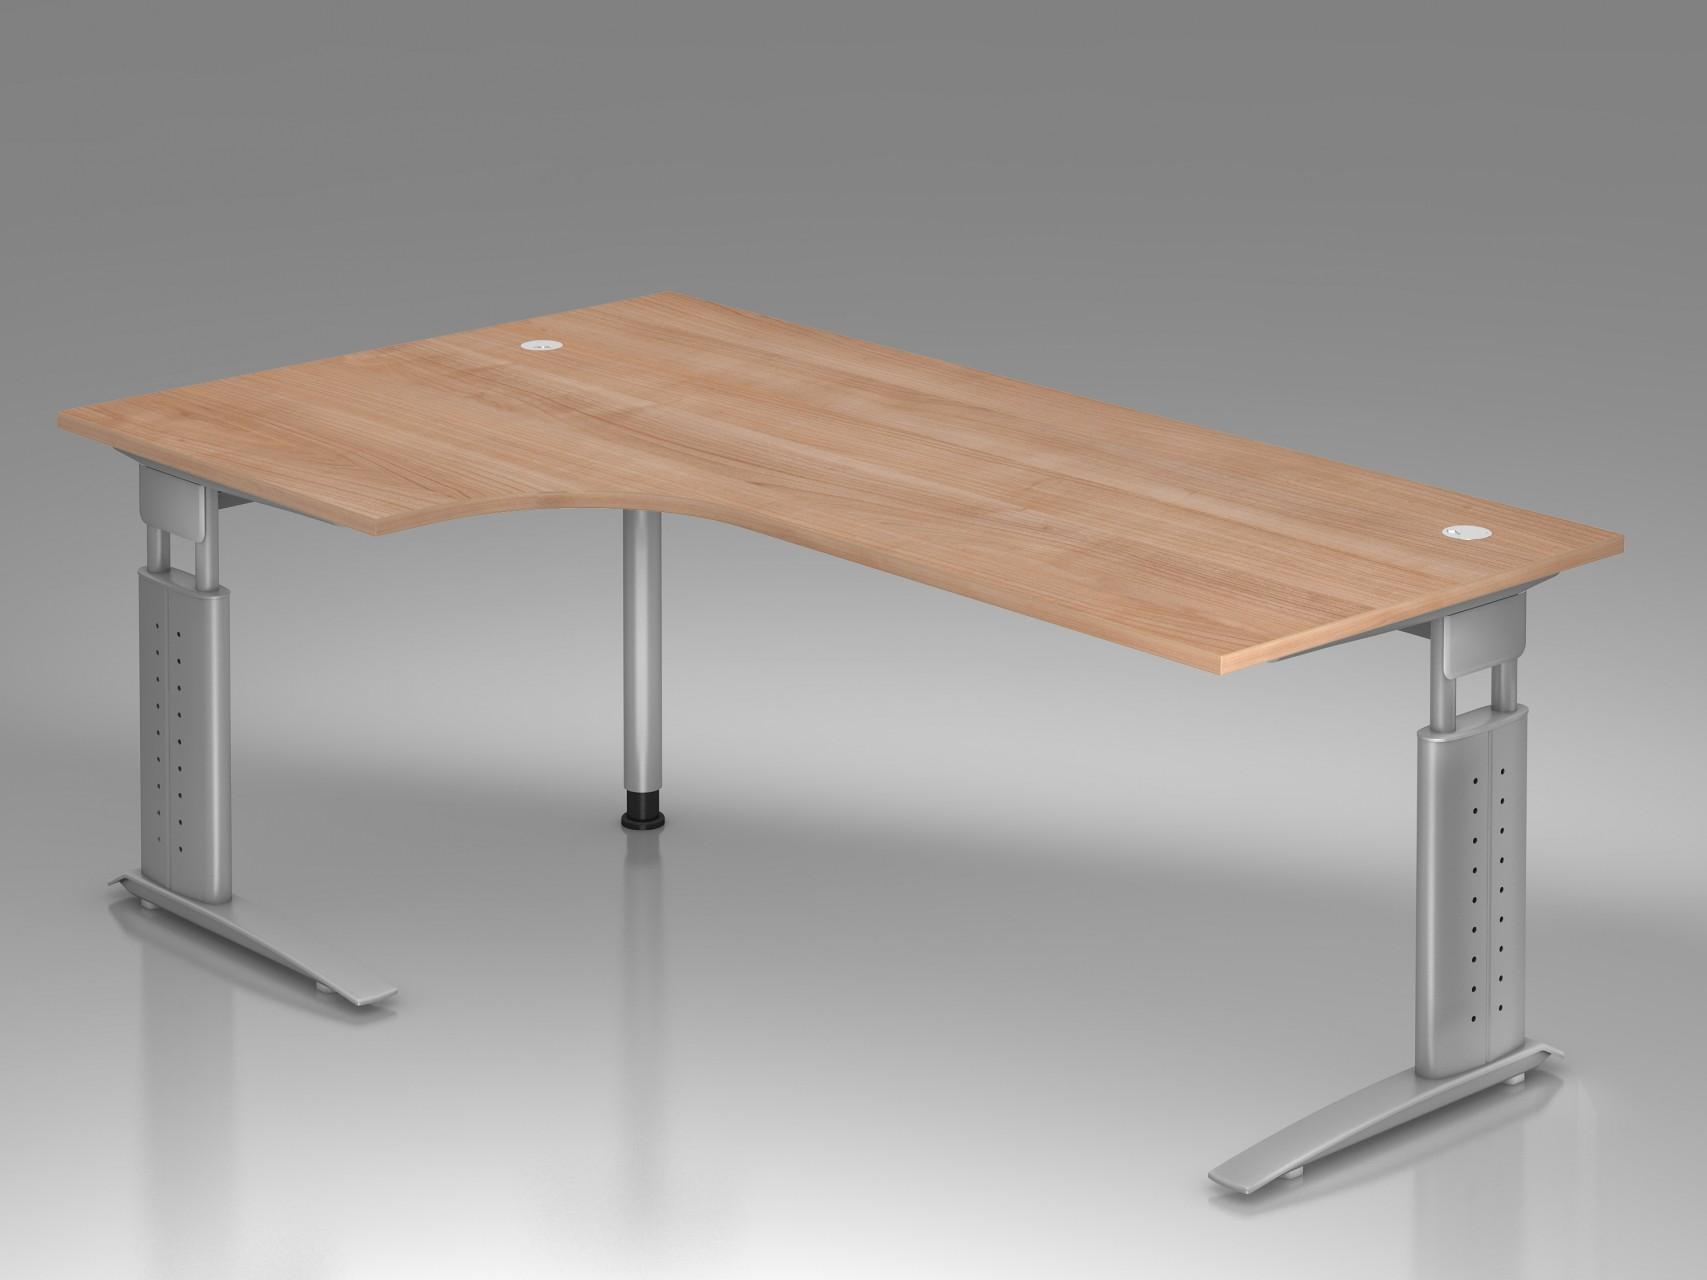 bureau r glable en hauteur ergonomique plus compact achat bureaux r glables en hauteur 680 00. Black Bedroom Furniture Sets. Home Design Ideas